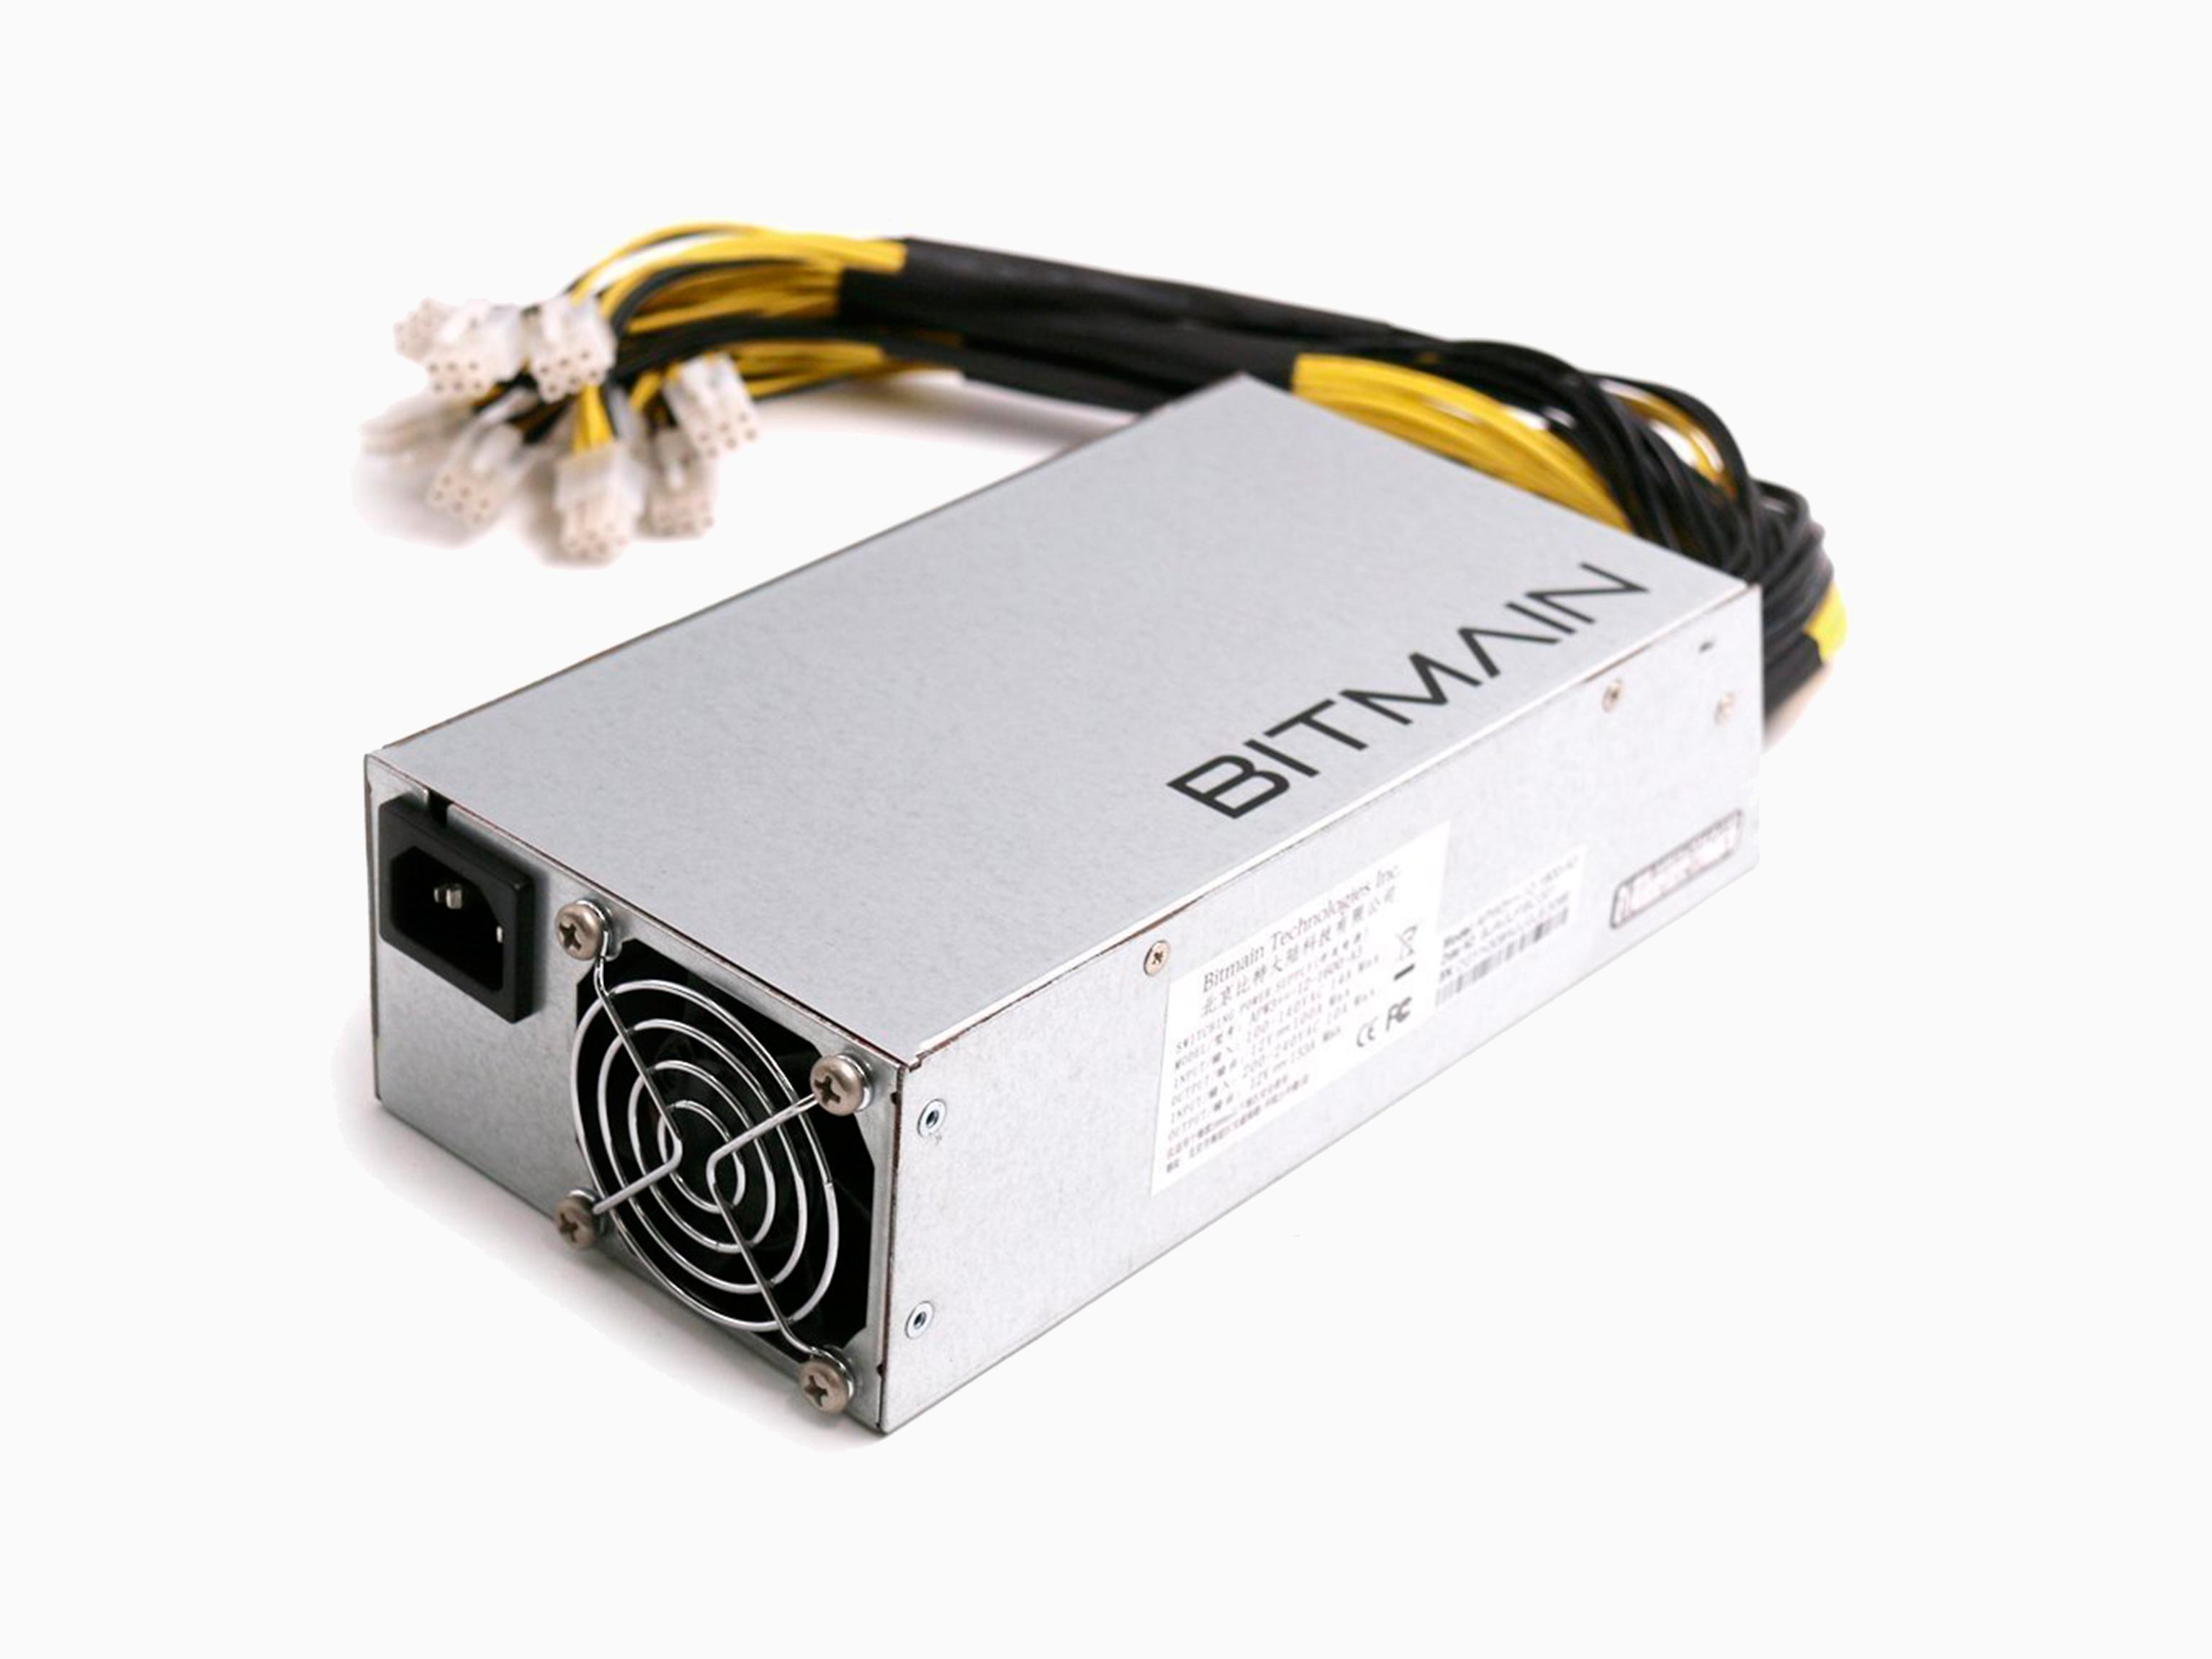 <b>165 $</b></br></br>Модель: APW3 ++</br>Мощность: 1600 Вт</br>Выходное напряжение: 12.15 В</br>Шум уровень: <43 Дб</br>Выходной интерфейс: PCI-E (6 pin) * 10</br>Напряжение диапазон: 100-240 В AC</br>Размеры: 220 х 108 х 62 мм</br>Вес: 3 кг</br></br>Для заказа, звоните, пишите в Telegram, Viber или на почту.</br></br>Самовывоз с Одессы пл. 10 Апреля и доставка по всей Украине наложенным платежом.</br></br>Есть вопросы по майнингу? Позвоните, мы проконсультируем Вас.</br></br>NIGMA Mining Technology - ваш надежный партнер в сфере майнинга криптовалют.</br>С нами работать просто, выгодно и безопасно!